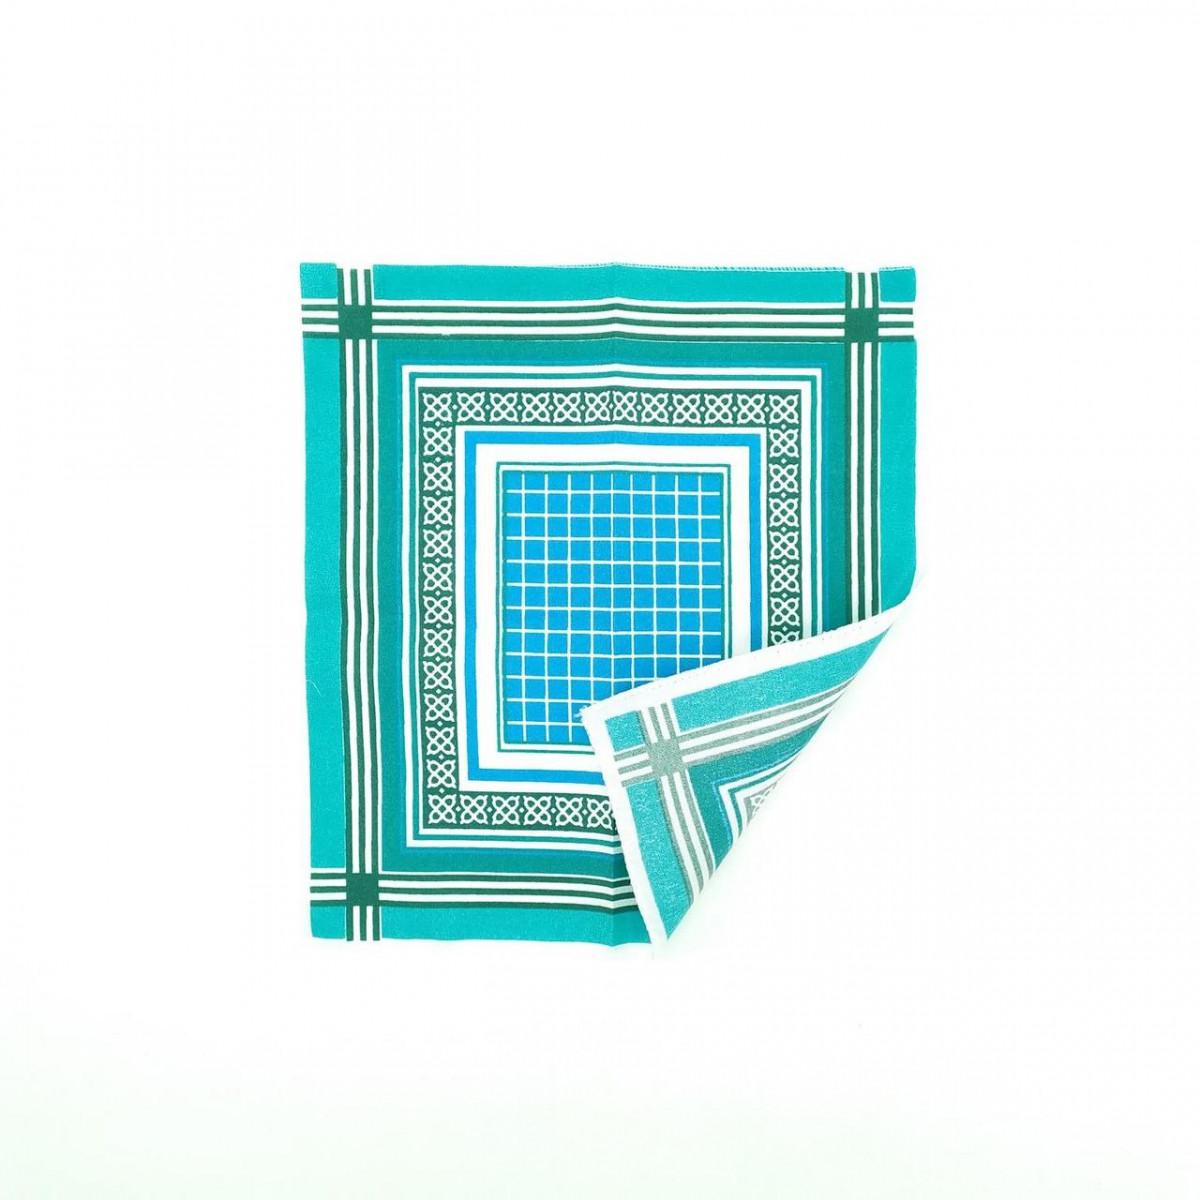 Платок носовой с геометрическим узором, 30х30см, хлопок, Украина, ассорти, 20022228